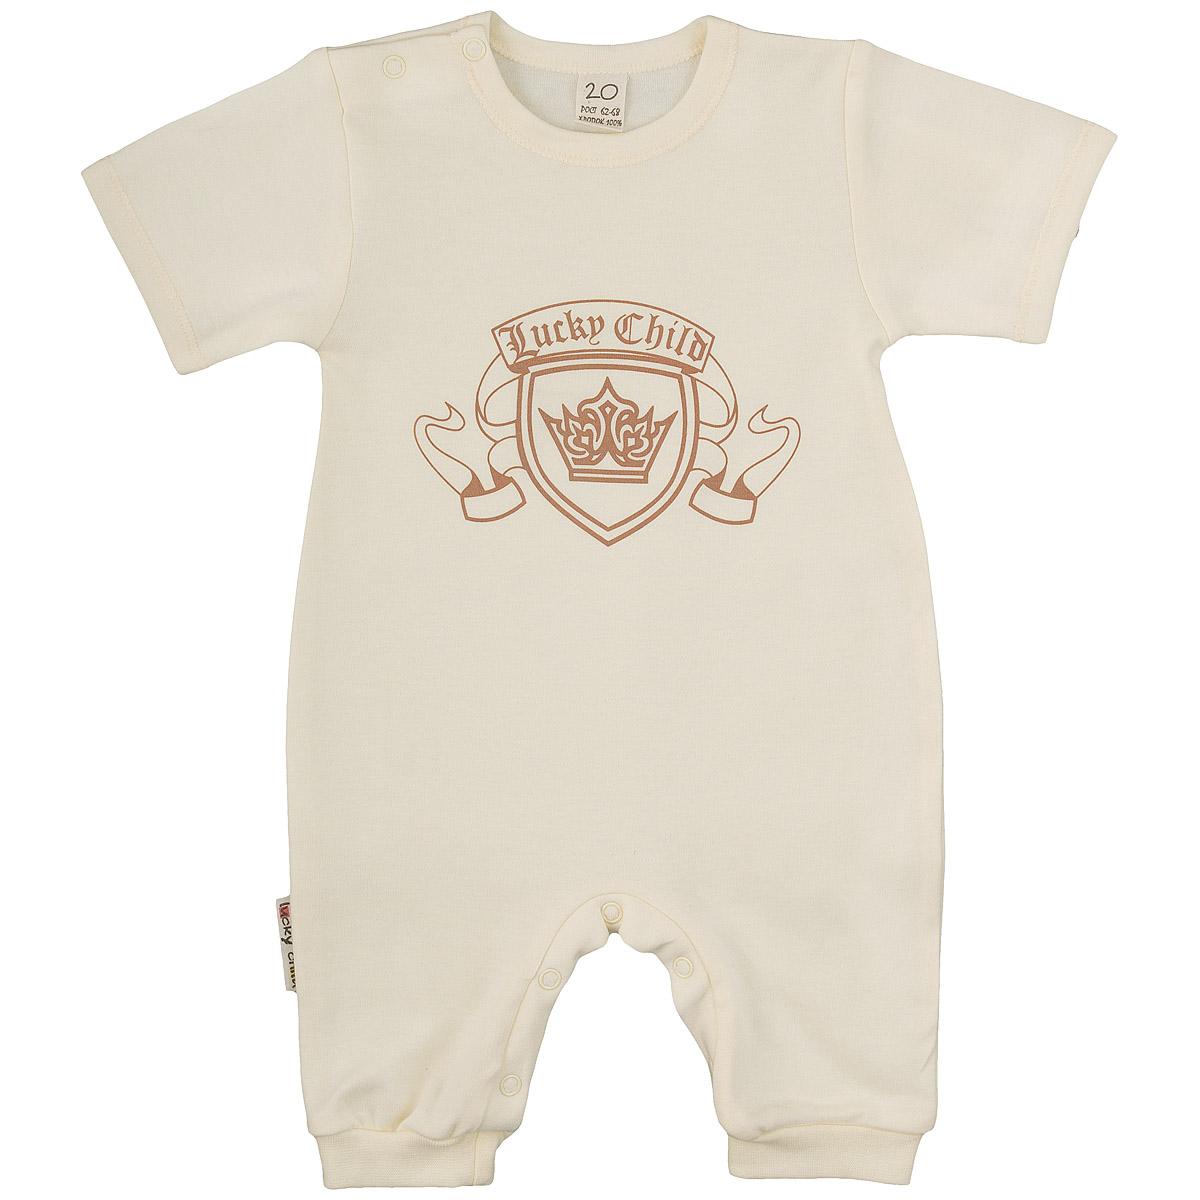 6-28Песочник для новорожденного Lucky Child с короткими рукавами послужит идеальным дополнением к гардеробу вашего малыша, обеспечивая ему наибольший комфорт. Изготовленный из интерлока - натурального хлопка, он необычайно мягкий и легкий, не раздражает нежную кожу ребенка и хорошо вентилируется, а эластичные швы приятны телу малыша и не препятствуют его движениям. Удобные застежки-кнопки по плечу и на ластовице помогают легко переодеть младенца или сменить подгузник. На груди модель оформлена оригинальным притом в виде логотипа бренда. Песочник полностью соответствует особенностям жизни ребенка в ранний период, не стесняя и не ограничивая его в движениях. В нем ваш малыш всегда будет в центре внимания.